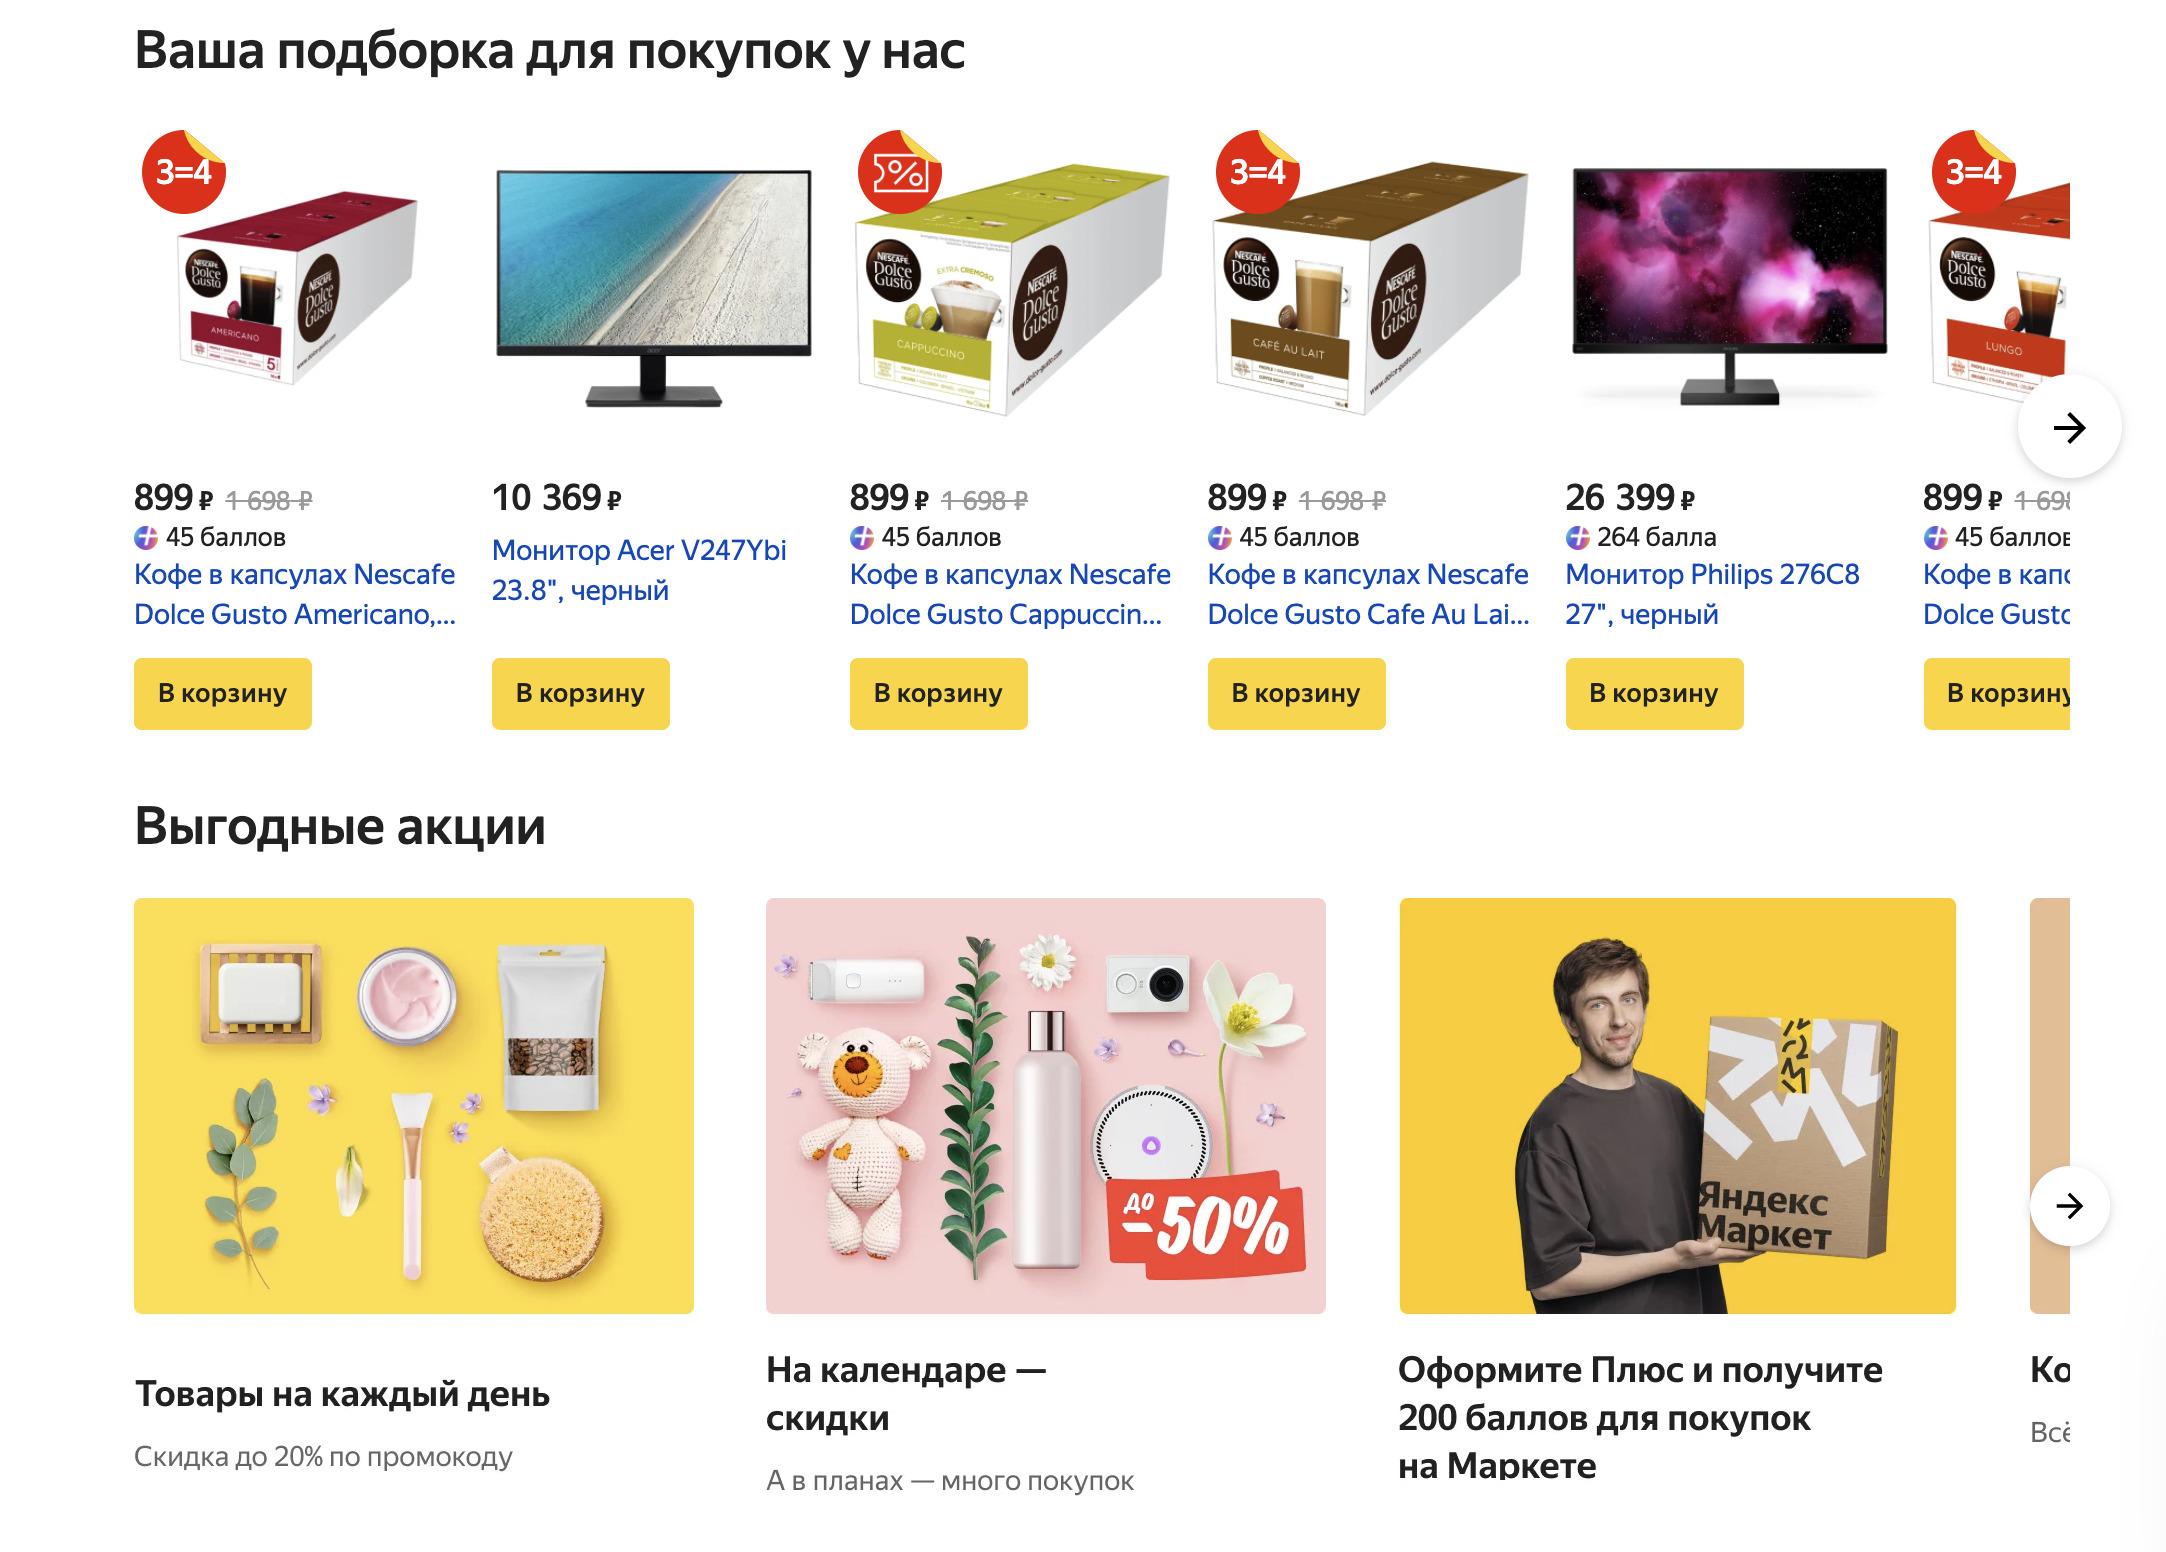 Доставка из Яндекс.Маркет в Ялта, сроки, пункты выдачи, каталог